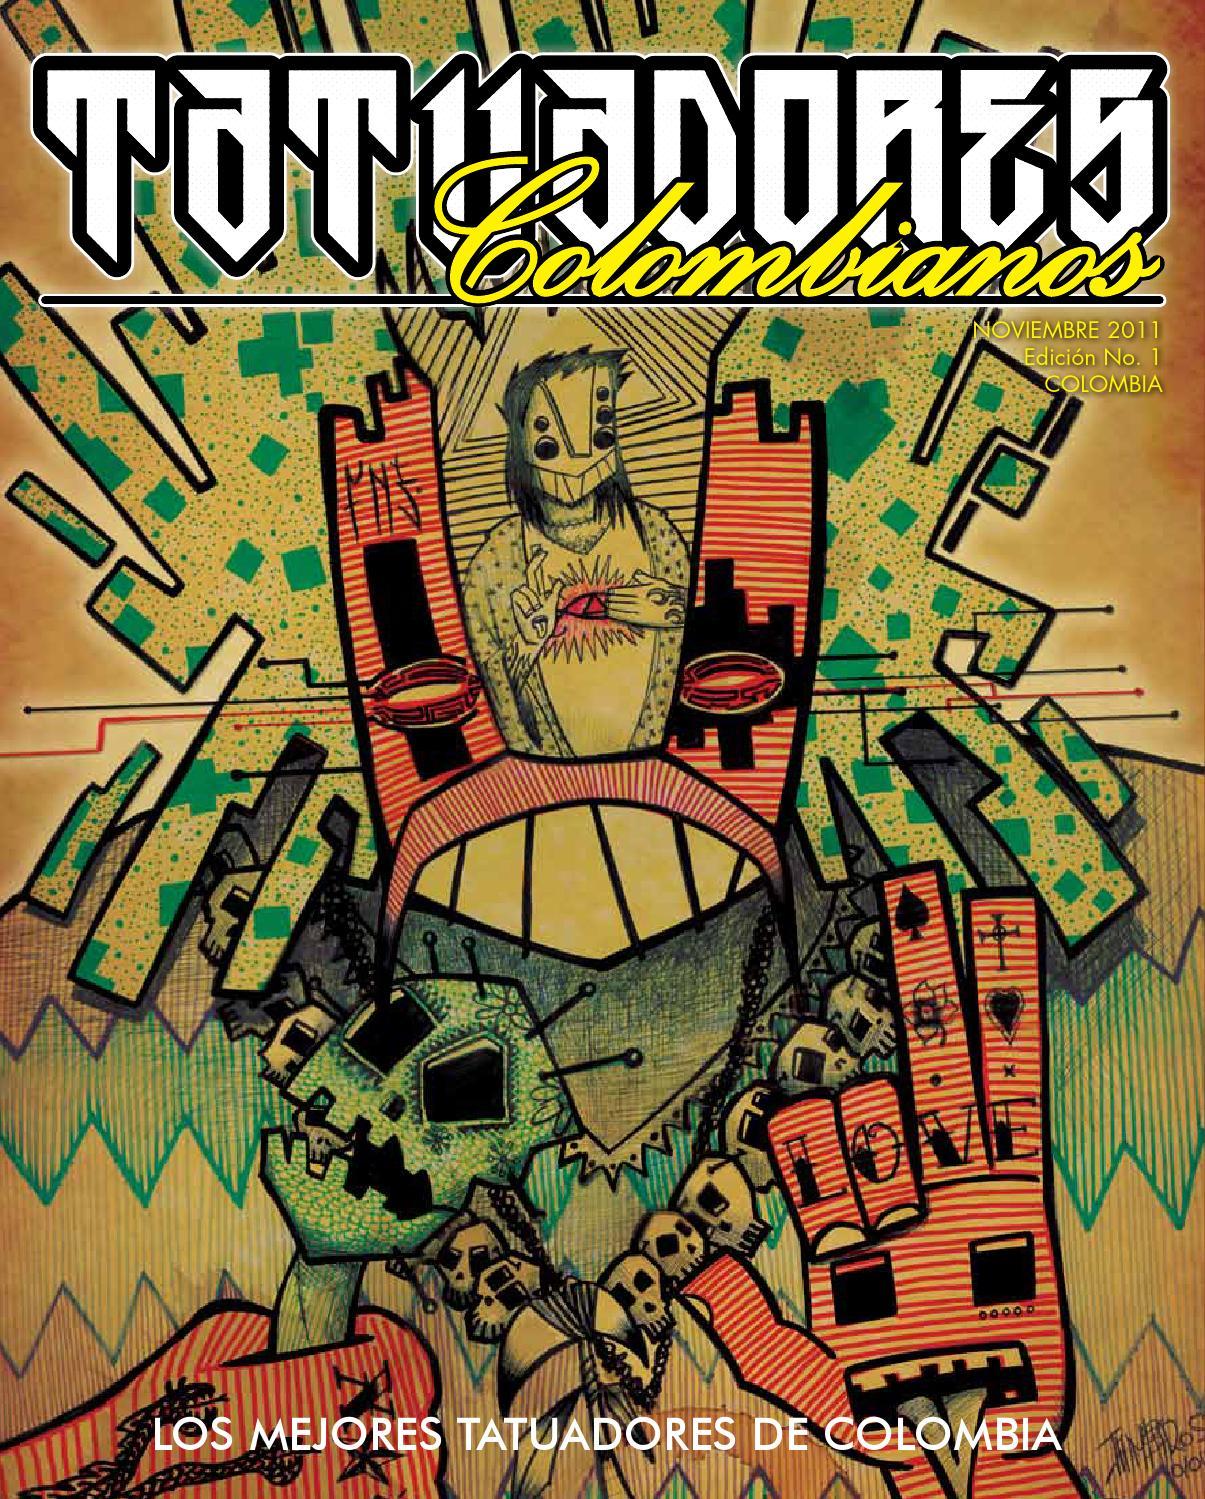 Revista tatuadores colombianos 1 by tatuadores for Los mejores tatuadores